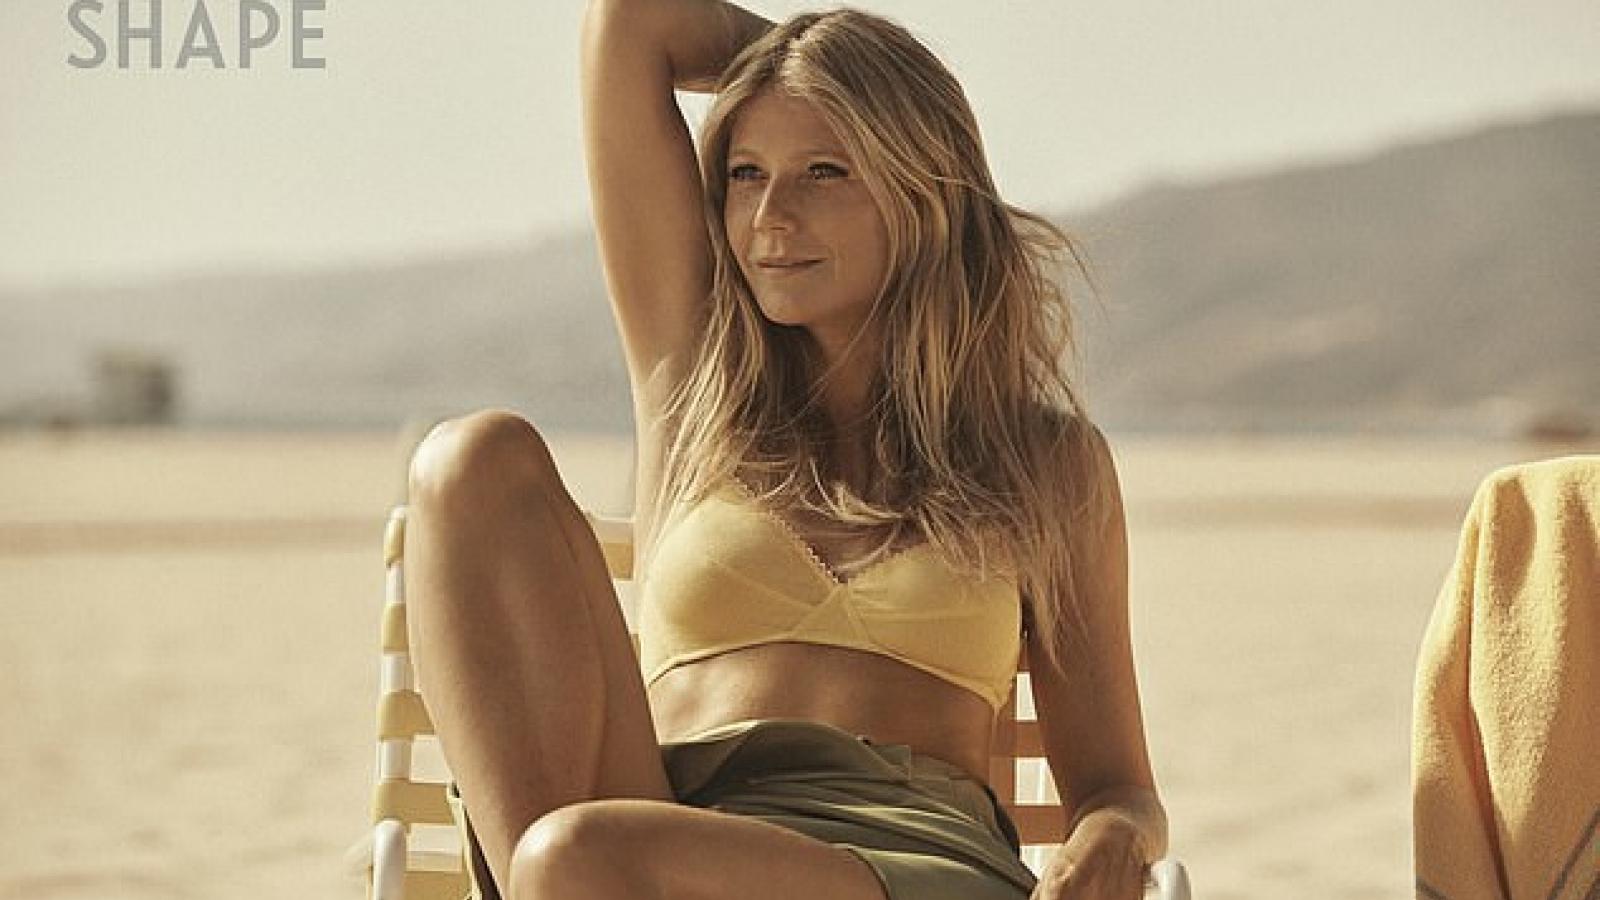 Gwyneth Paltrow trẻ trung, quyến rũ ở tuổi U50